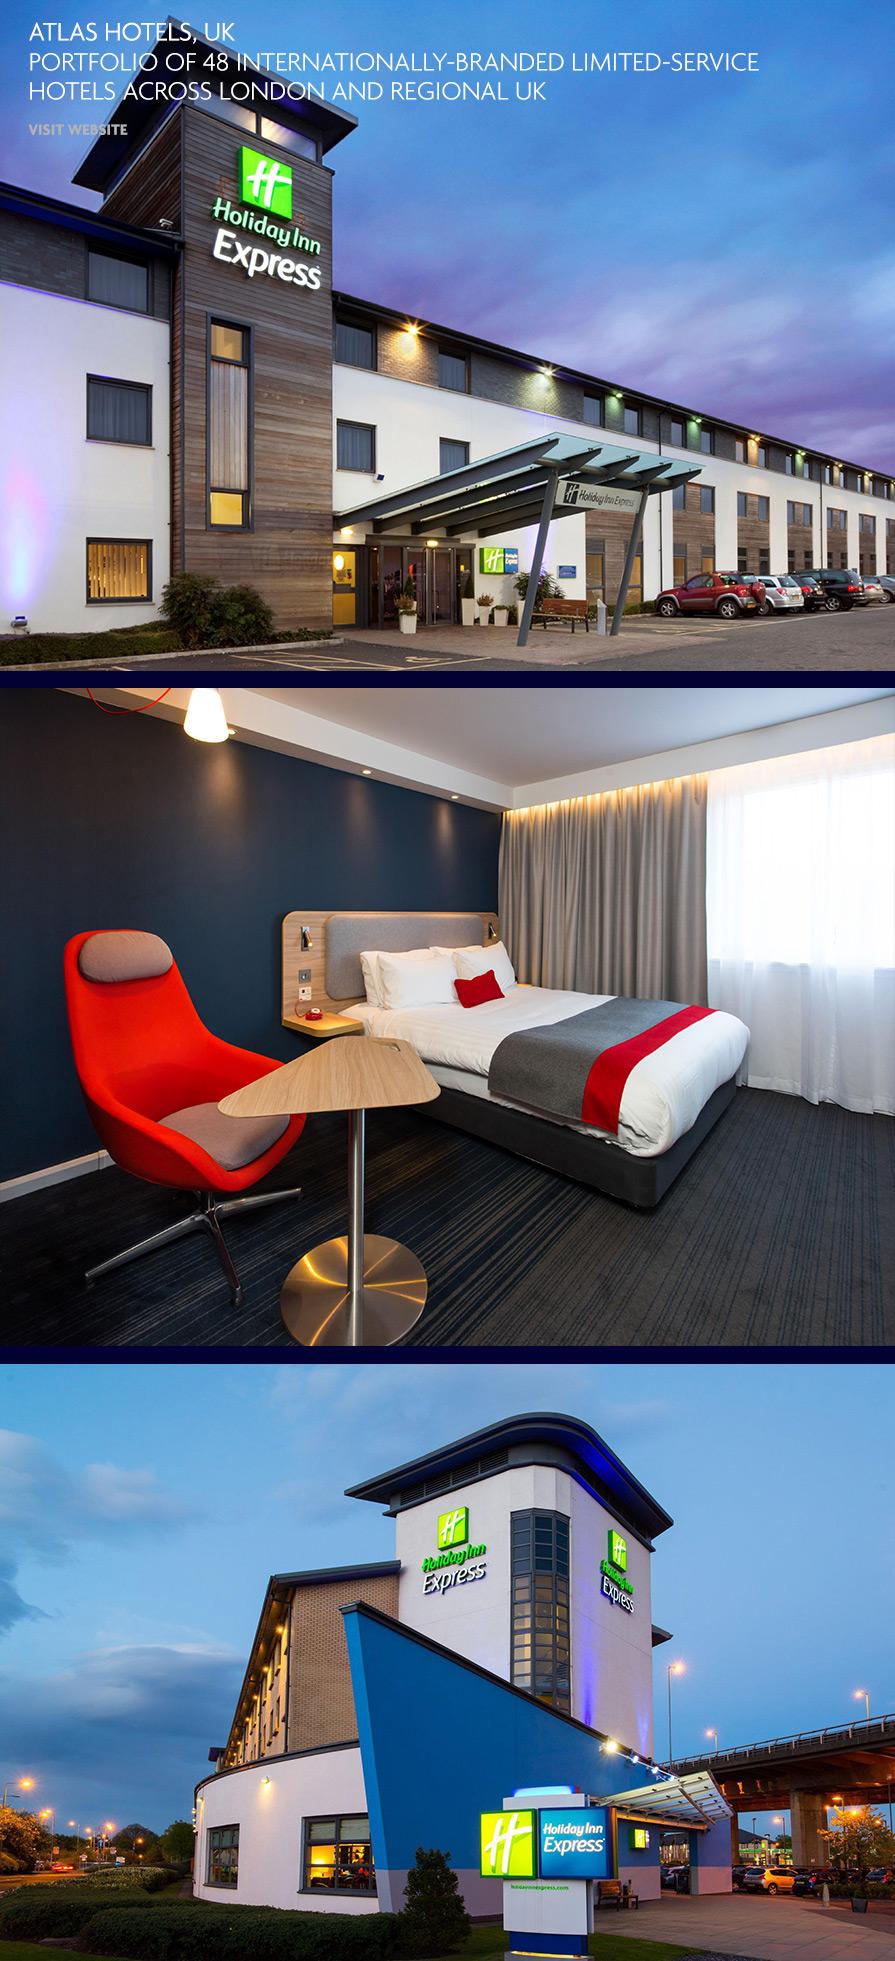 Atlas Hotels, UK